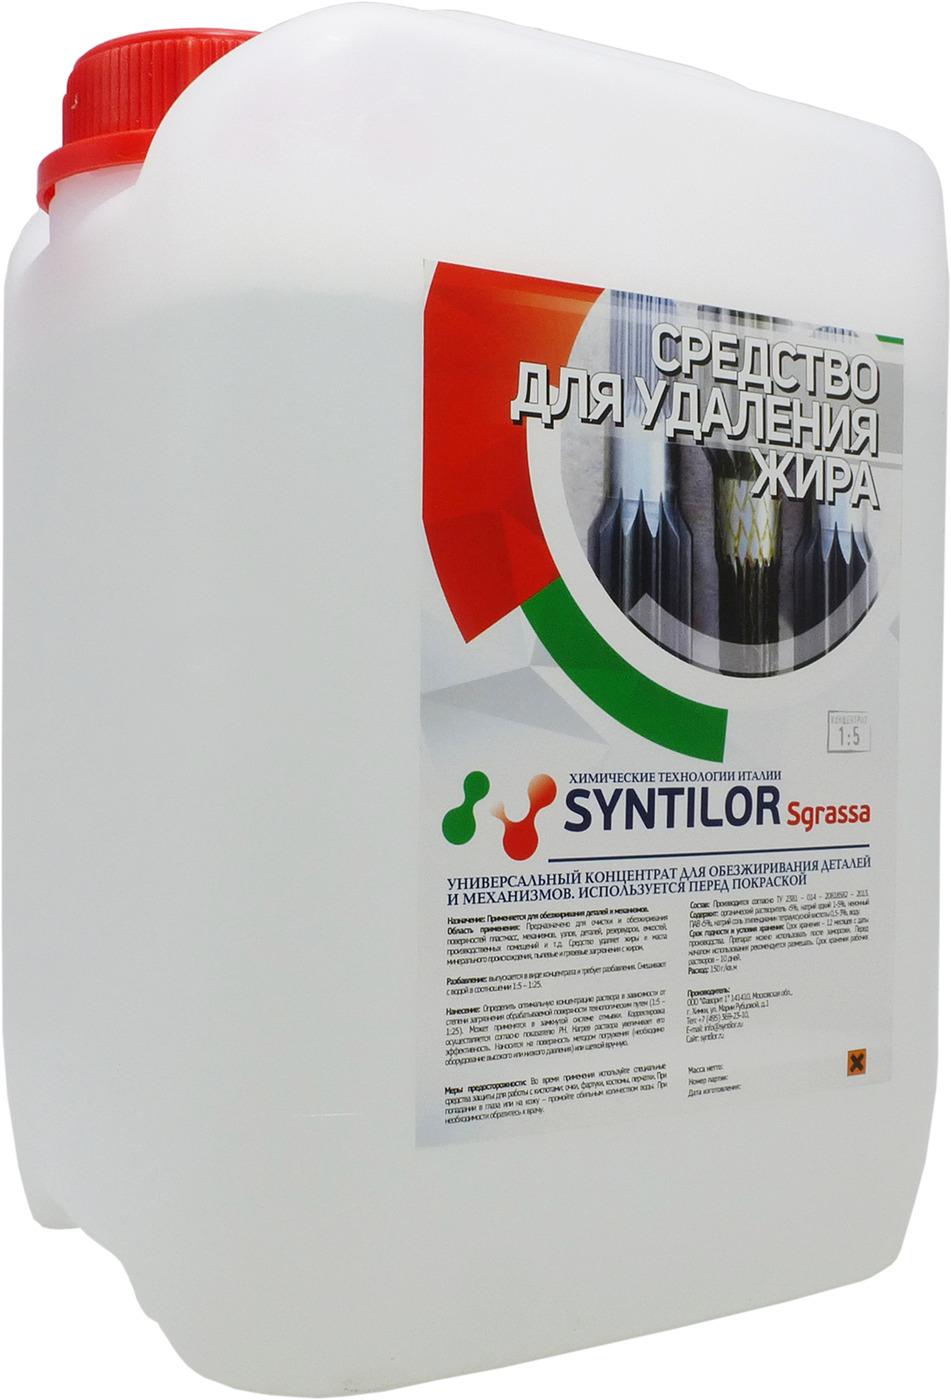 """Средство для удаления жира Syntilor """"Sgrassa"""", 5 кг"""